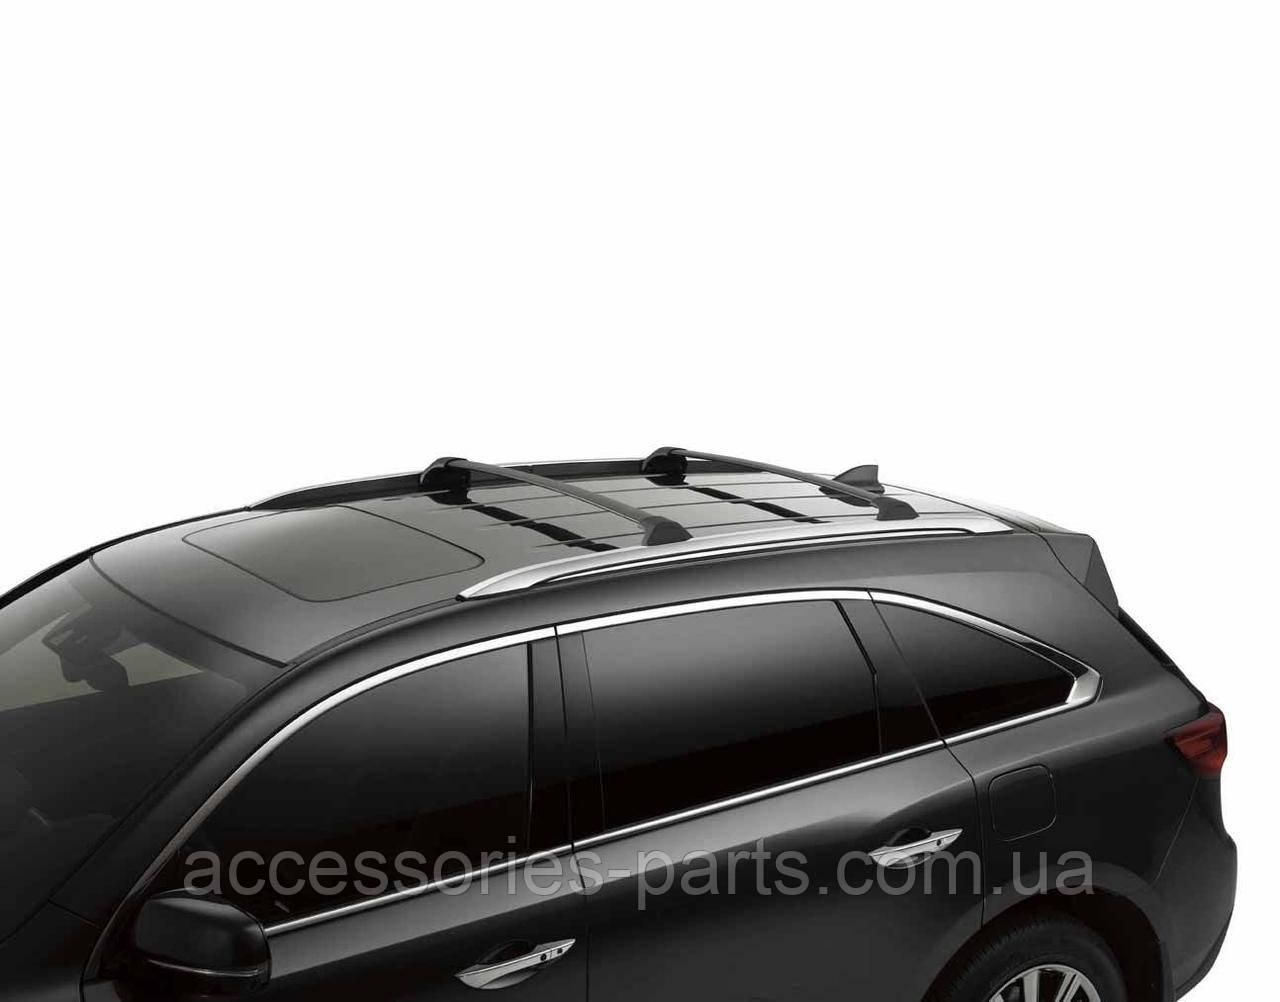 Комплект поперечин Acura MDX 2014-2017 Новый Оригинальный